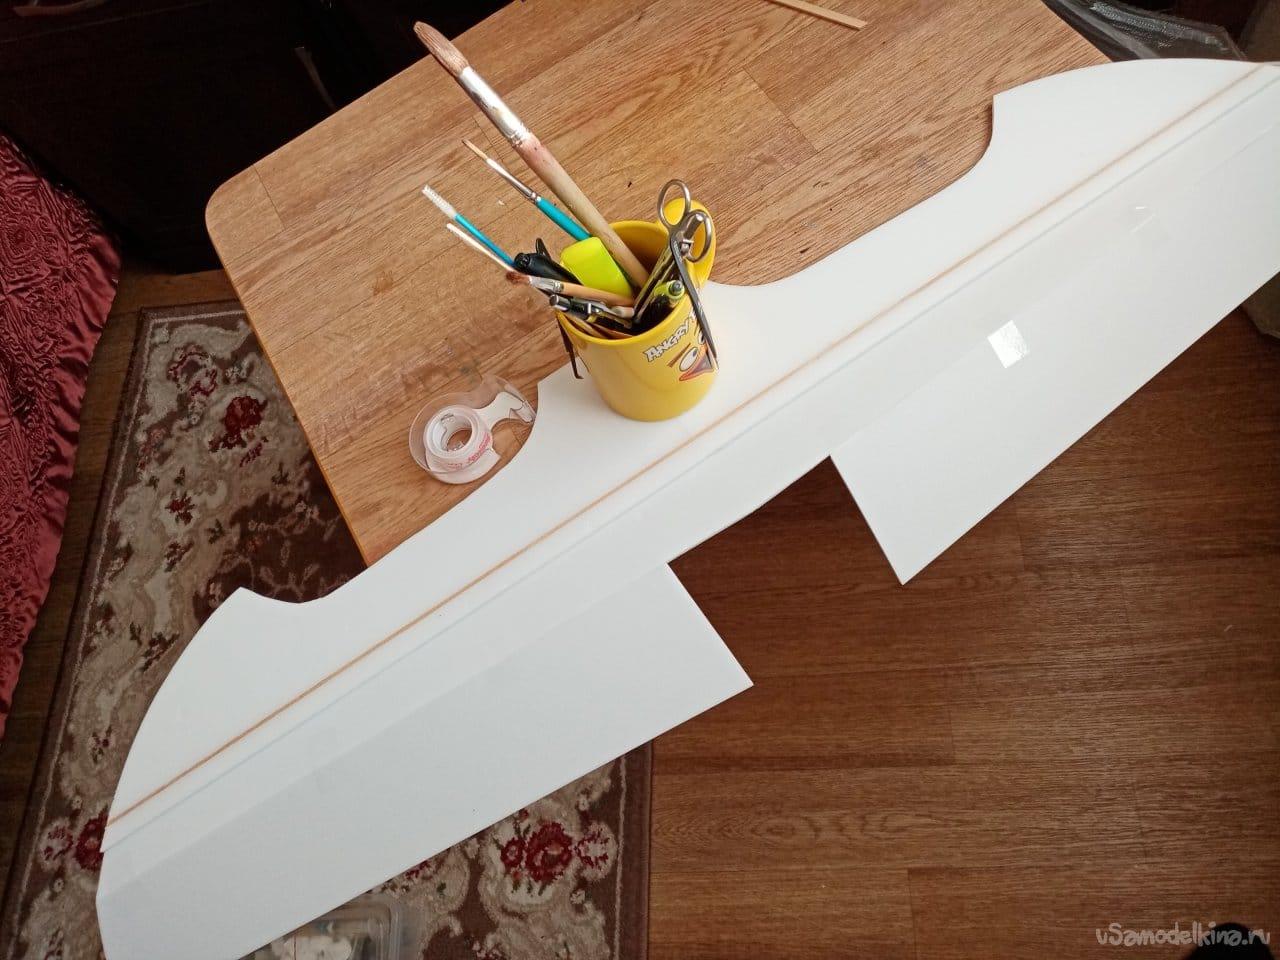 Самолет-крестолет для полетов на полянке